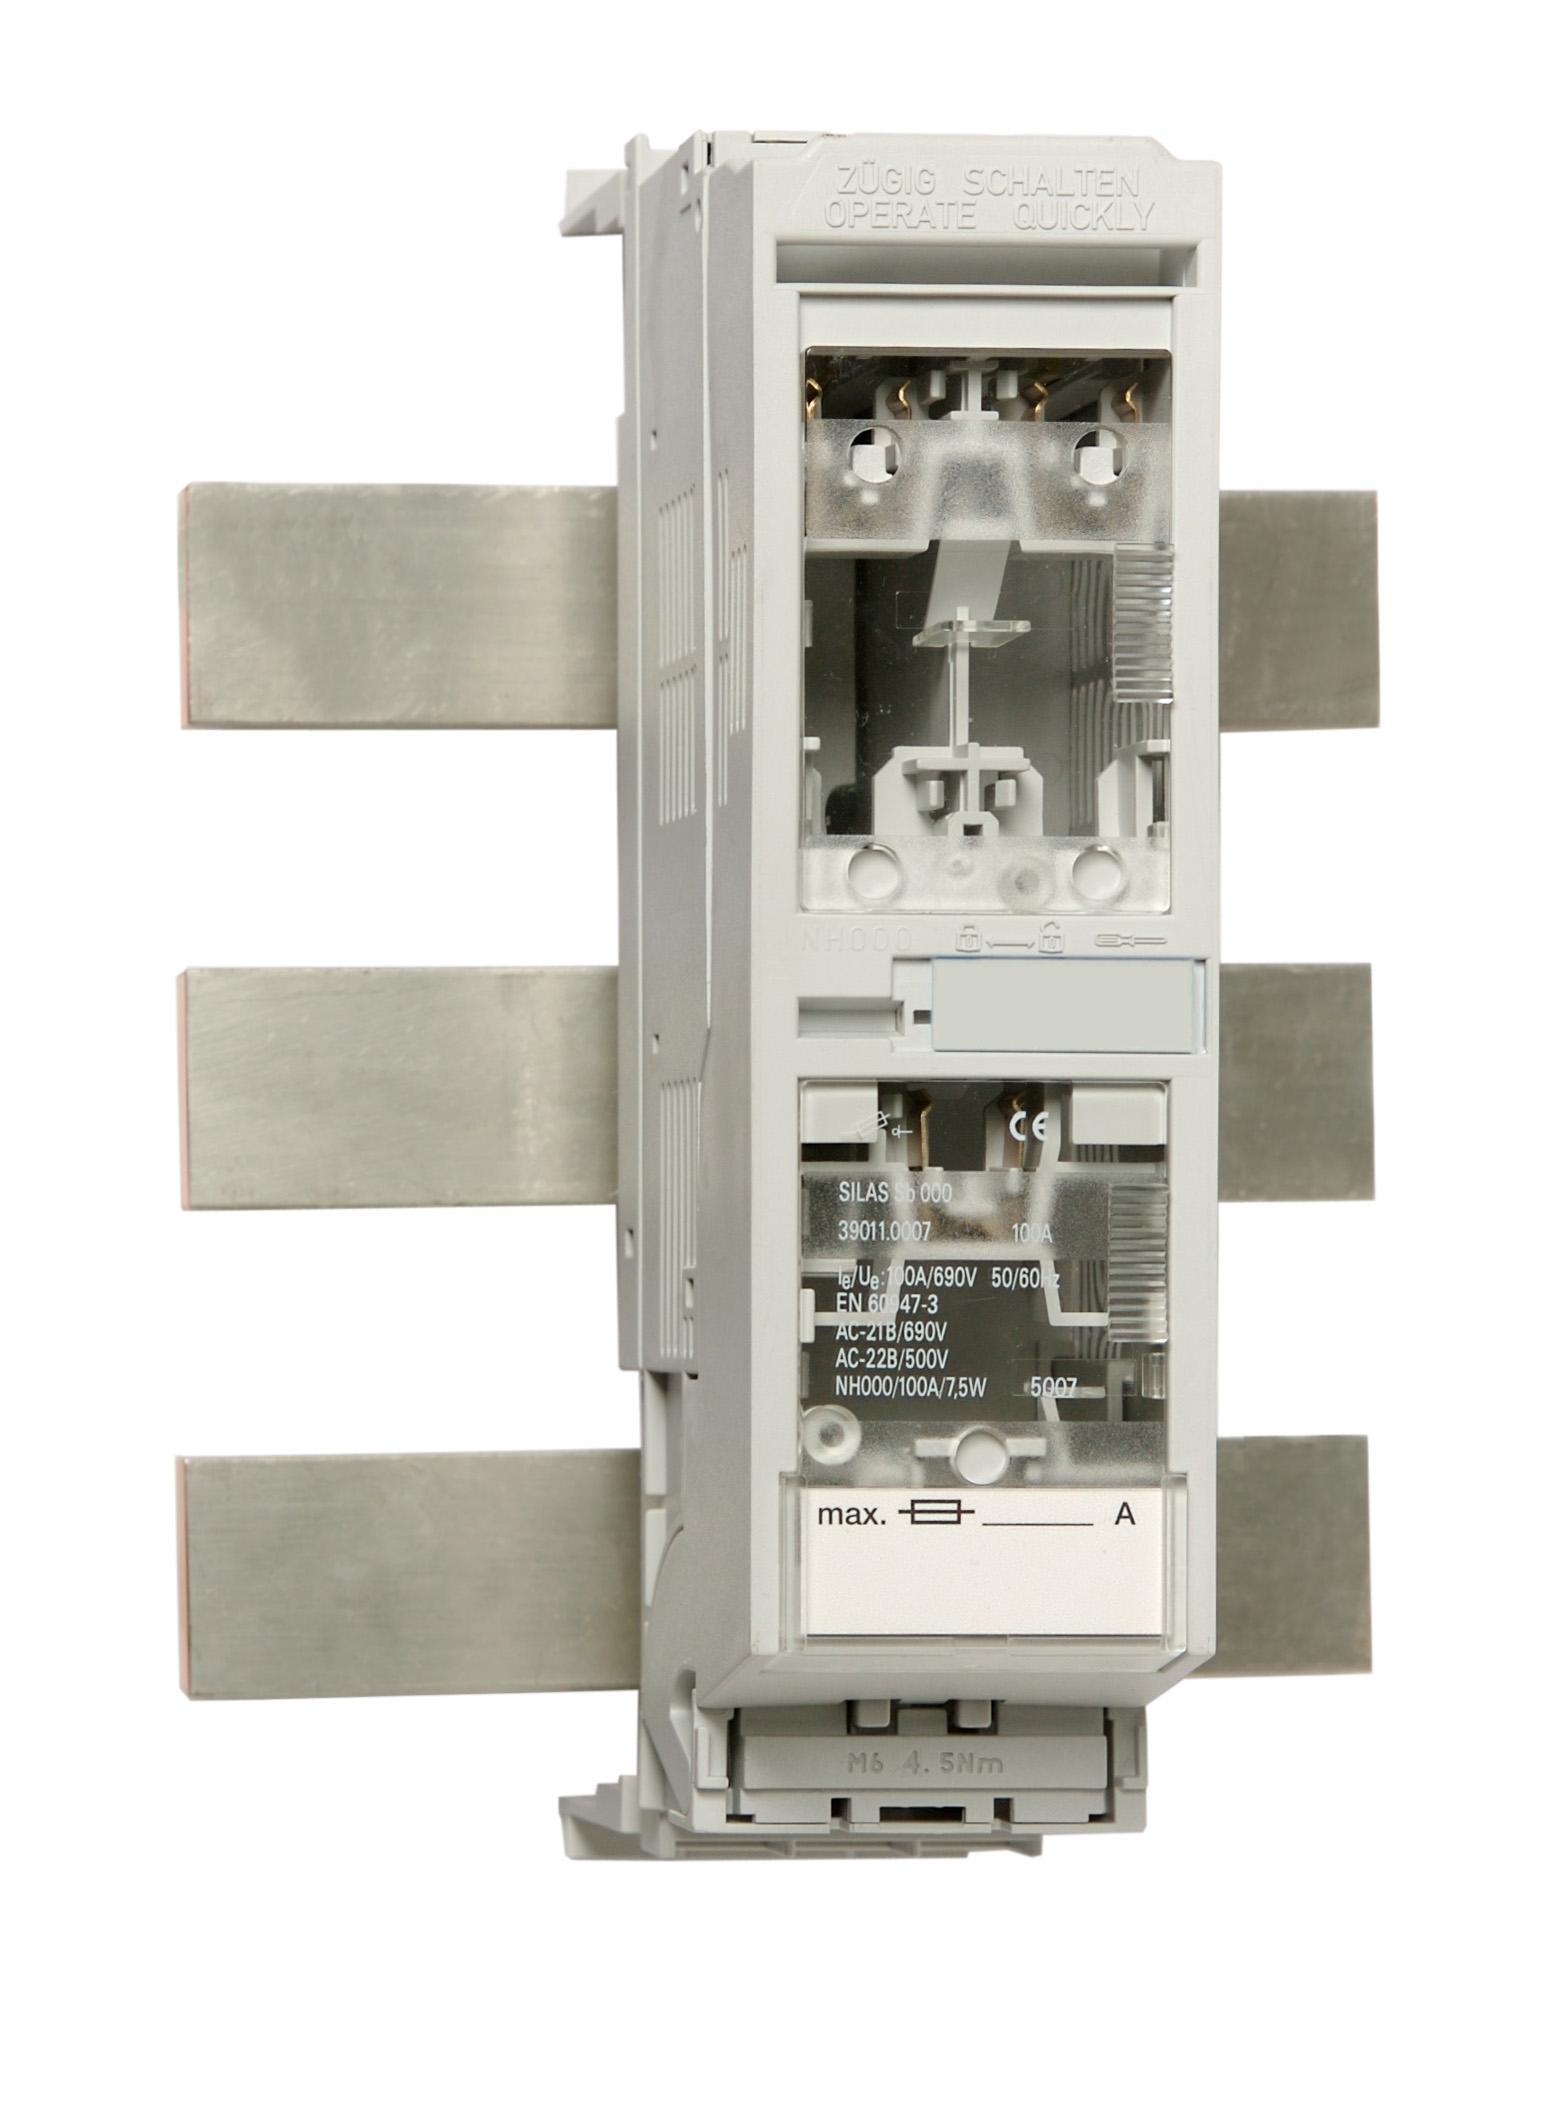 1 Stk Reiter-NH-Lasttrenner Gr.000 bis 100A für 60mm Sys.Abg.unten IS505019-B